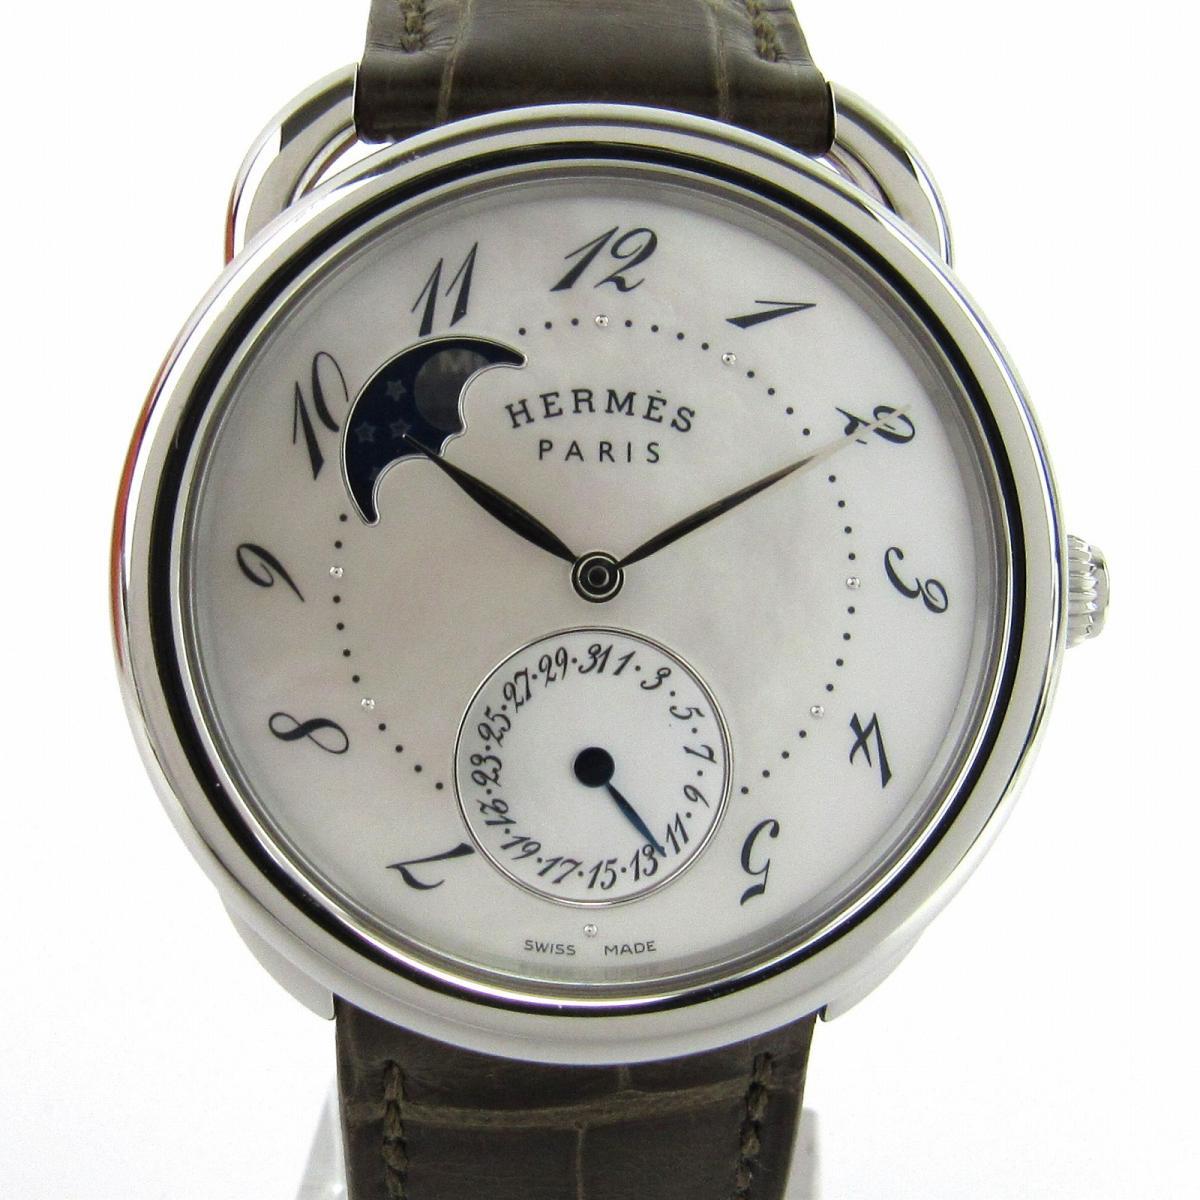 【中古】 エルメス アルソー ムーンフェイズ ウォッチ 腕時計 メンズ ステンレススチール (SS) x アリゲーター (AR7M.510) | HERMES オートマチック 自動巻き 時計 アルソー ムーンフェイズ 美品 ブランドオフ